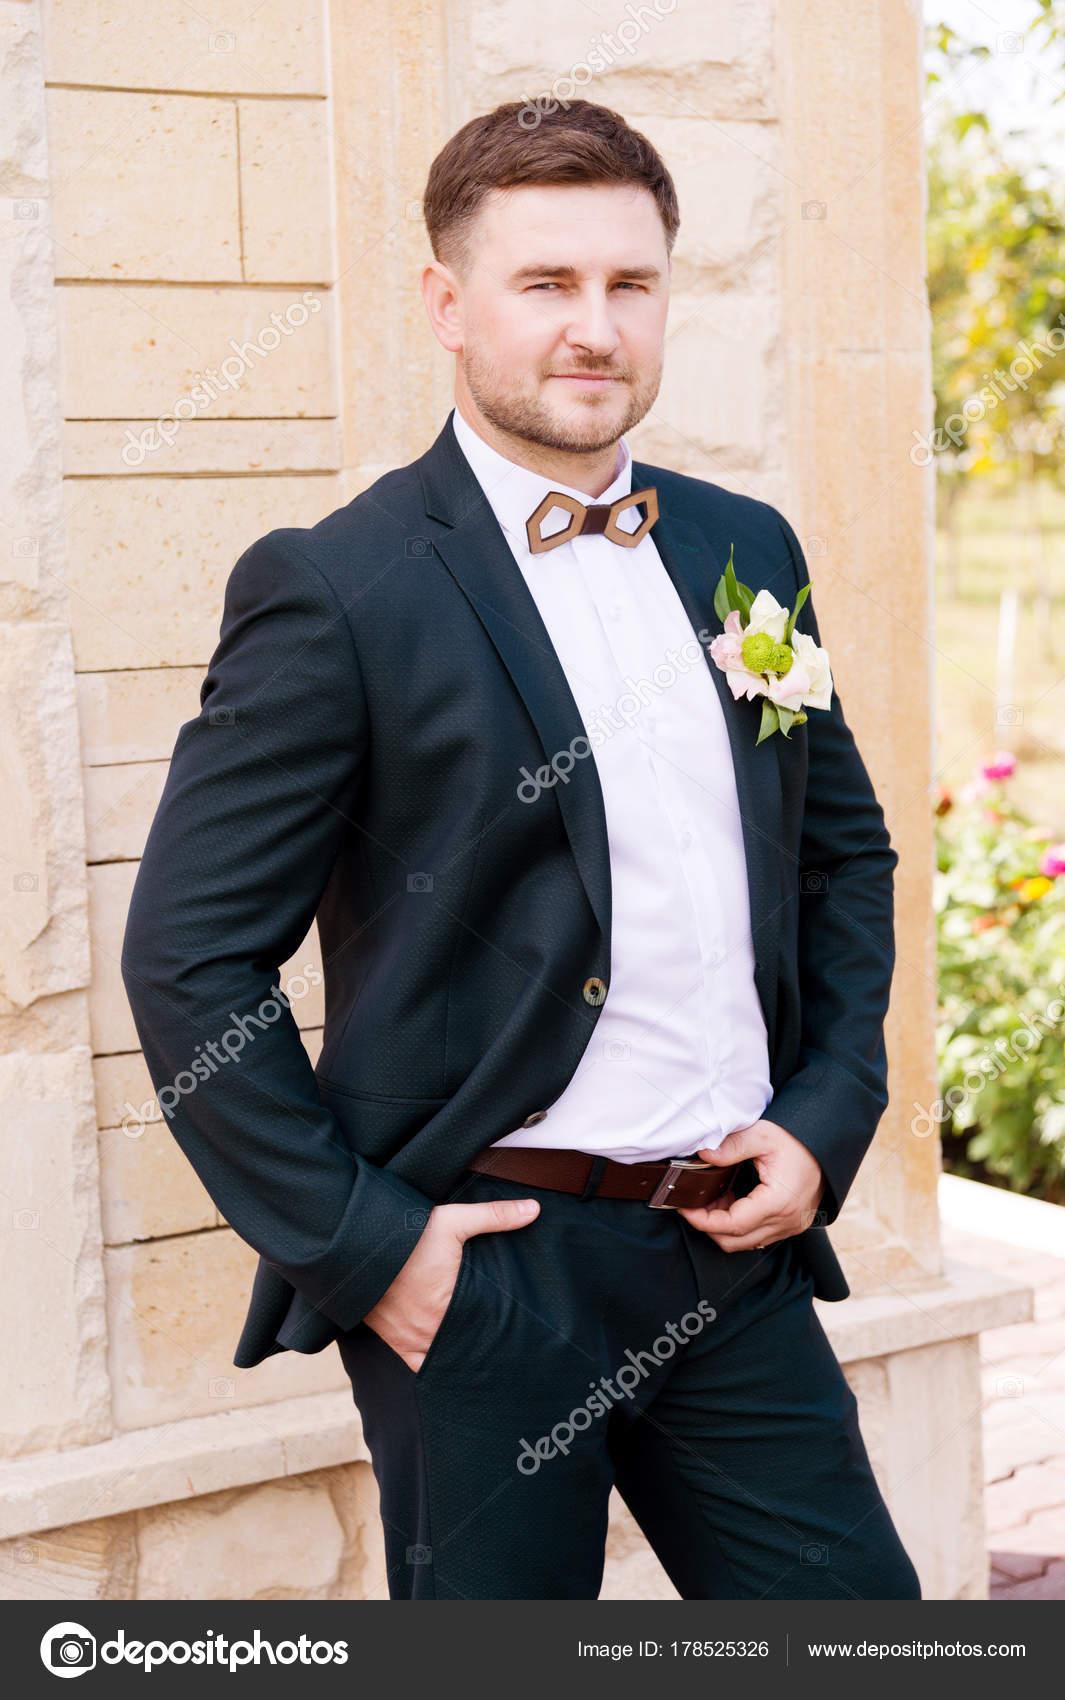 Ritratto di sposo una e blu barbuto vestito in un uno hipper Ow4wqFrpR